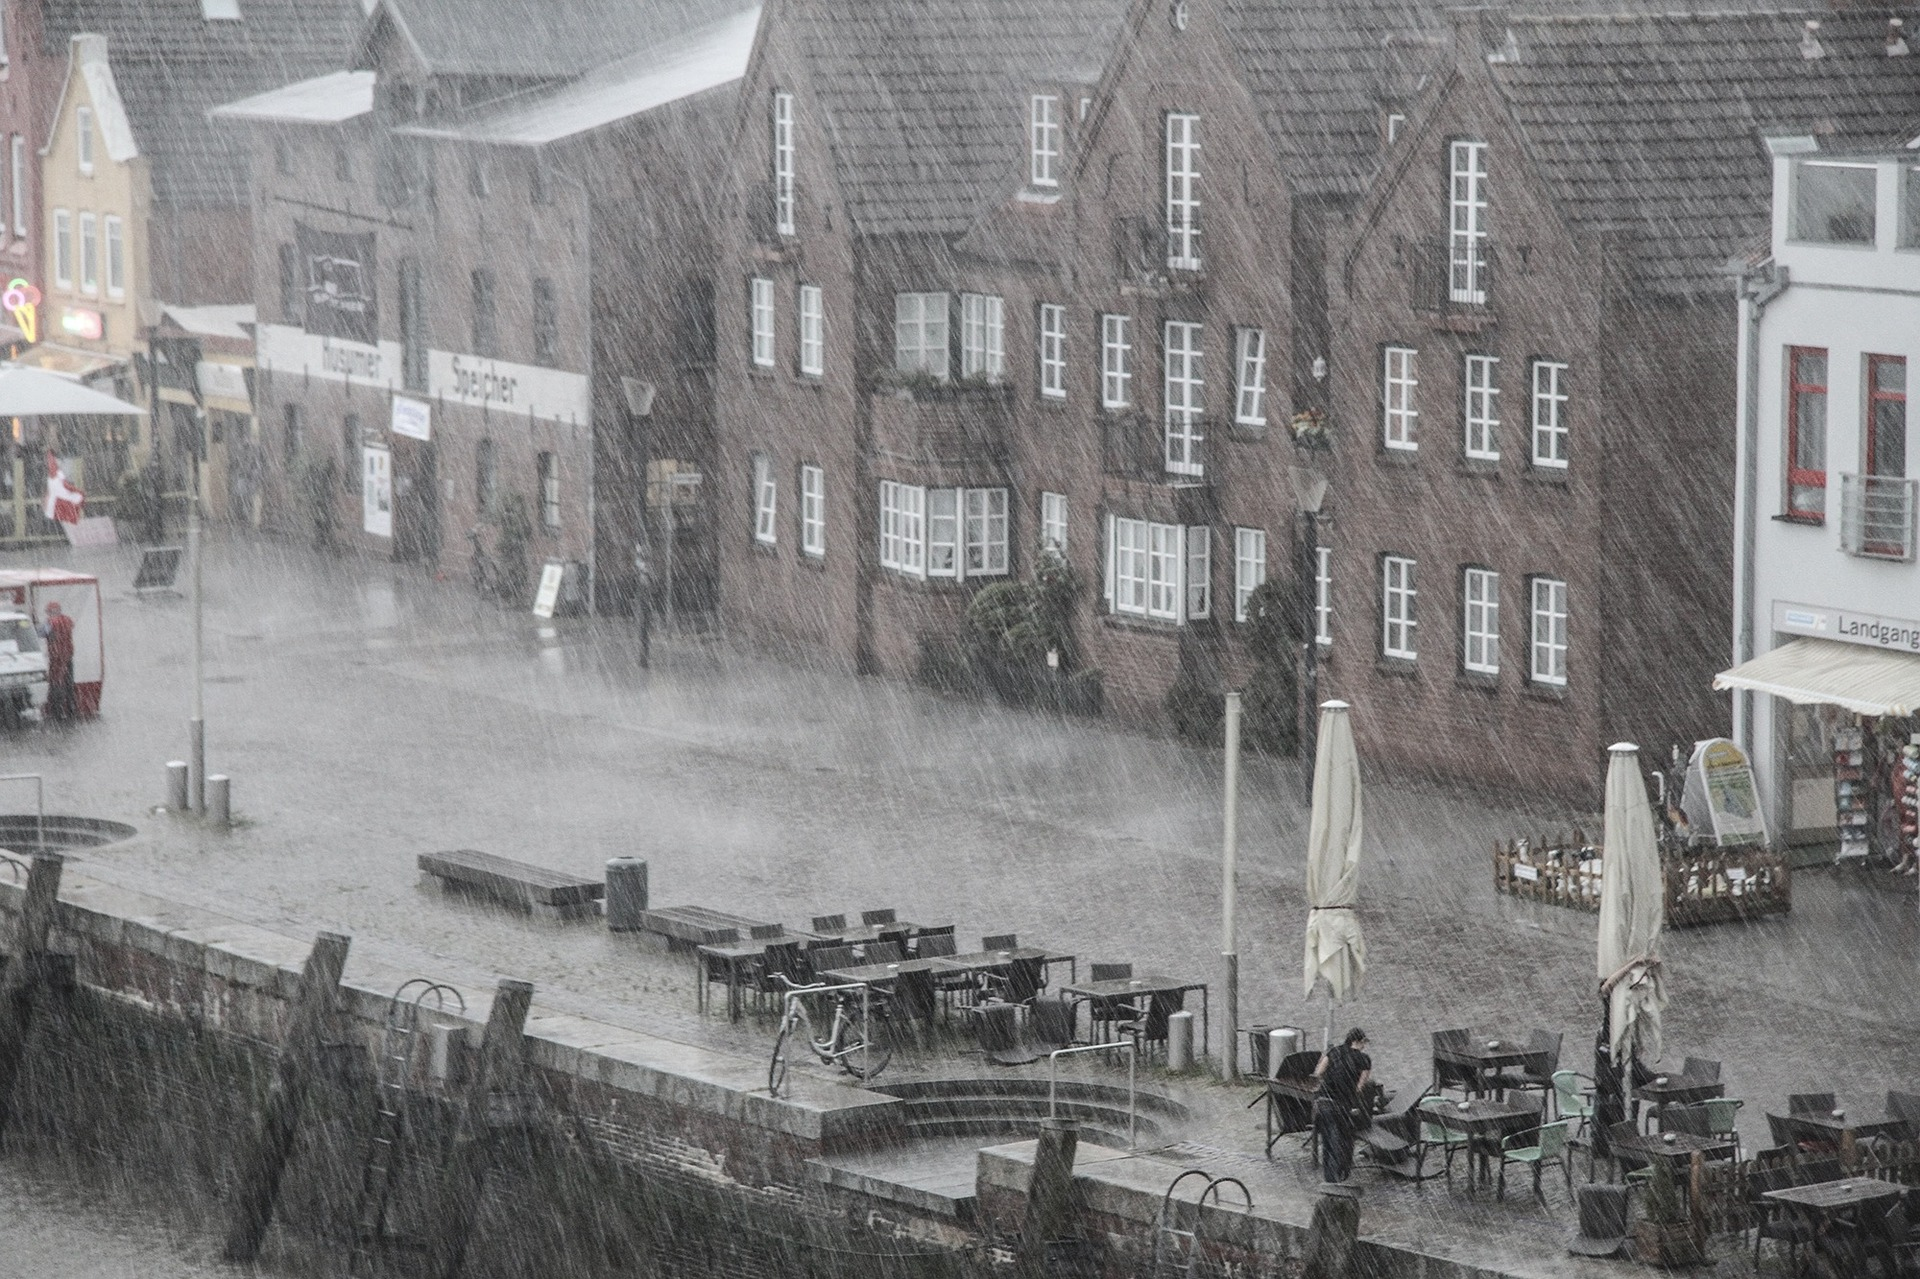 Die Rückstauklappe im Regenwasserkanal auf baumarktblog24.de